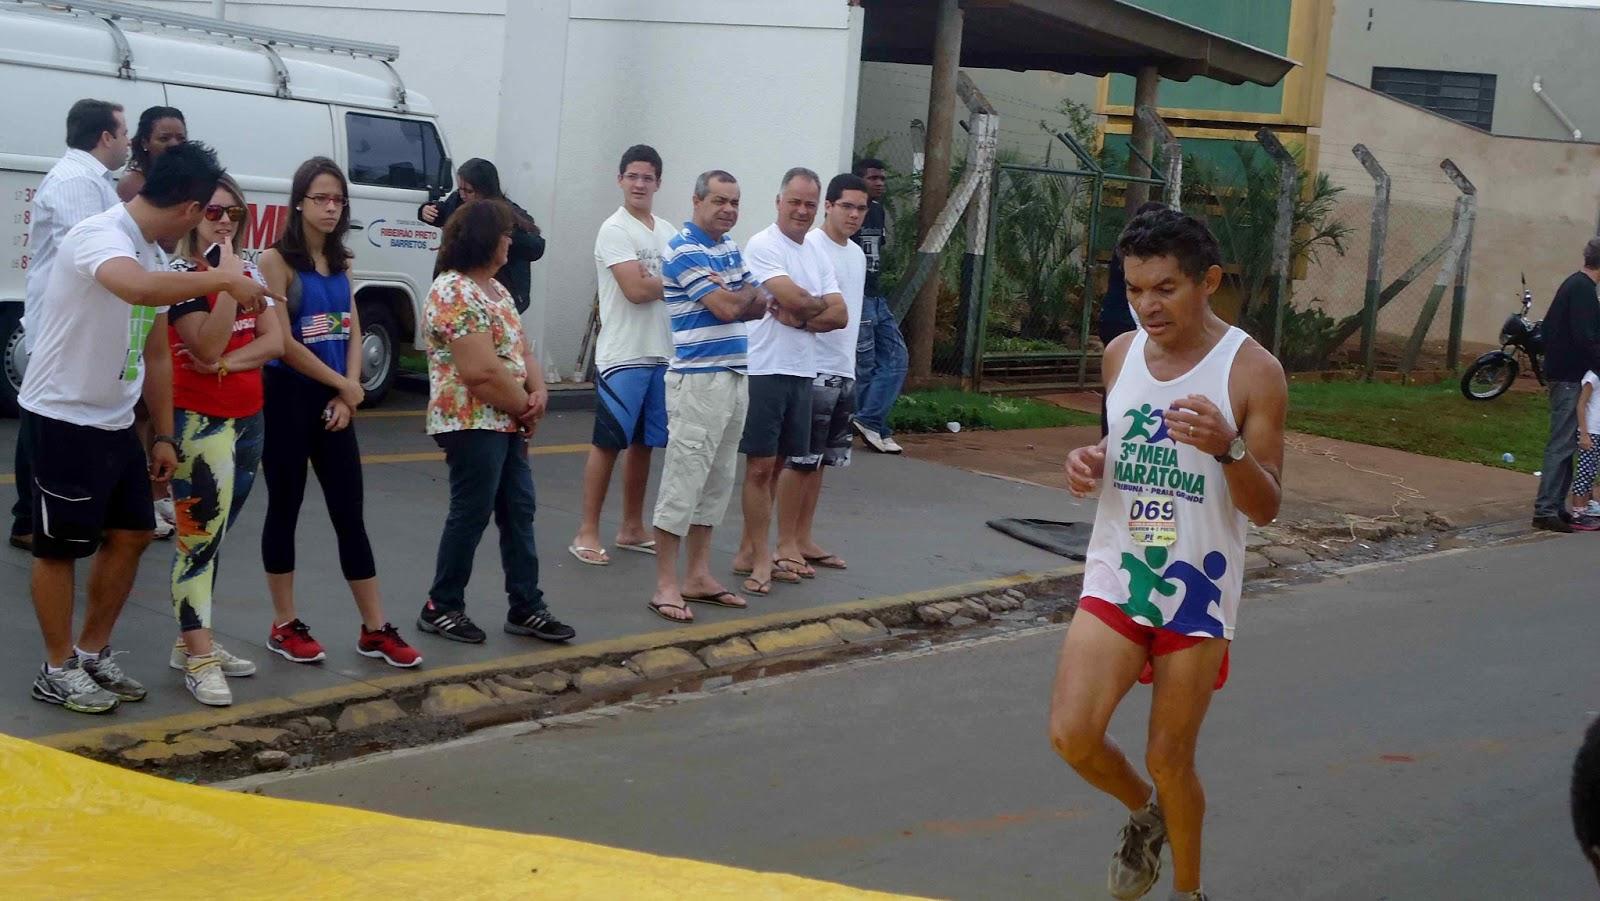 Foto 118 da 1ª Corrida Av. dos Coqueiros em Barretos-SP 14/04/2013 – Atletas cruzando a linha de chegada